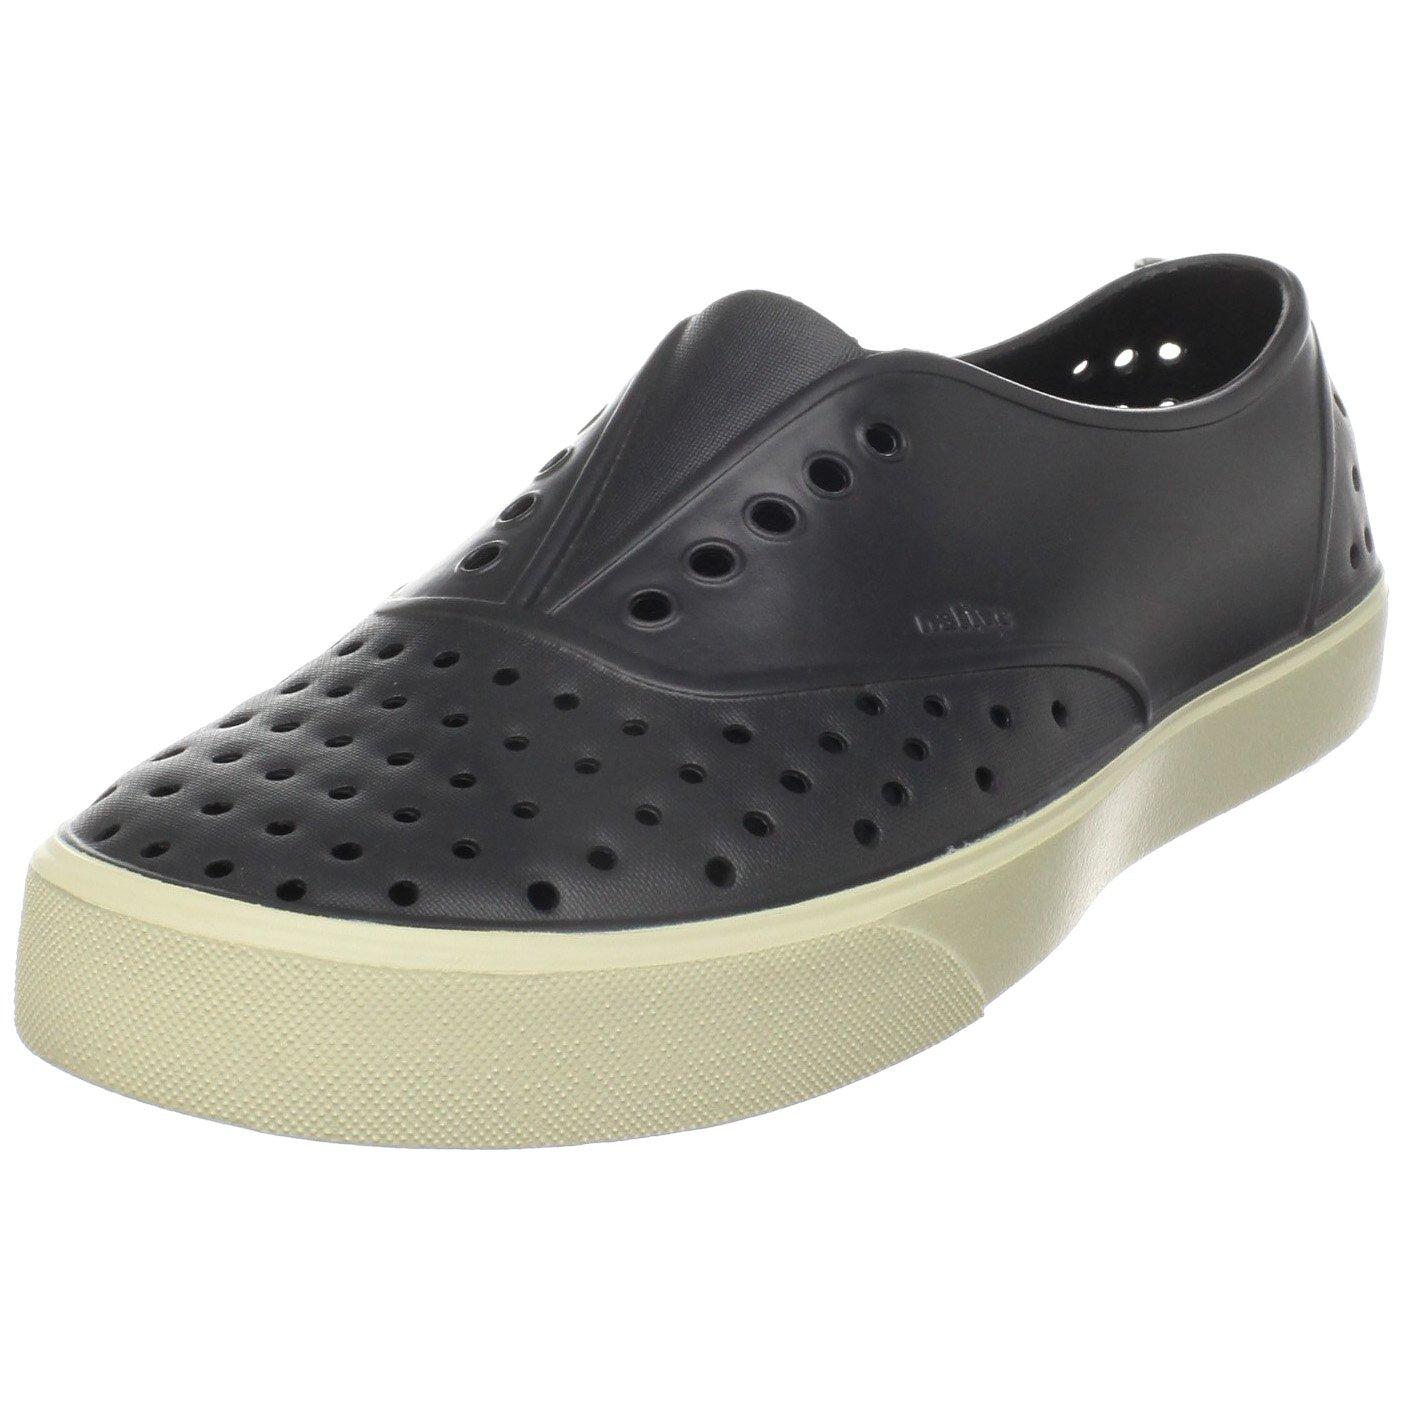 Native Miller Sneaker Jiffy Black